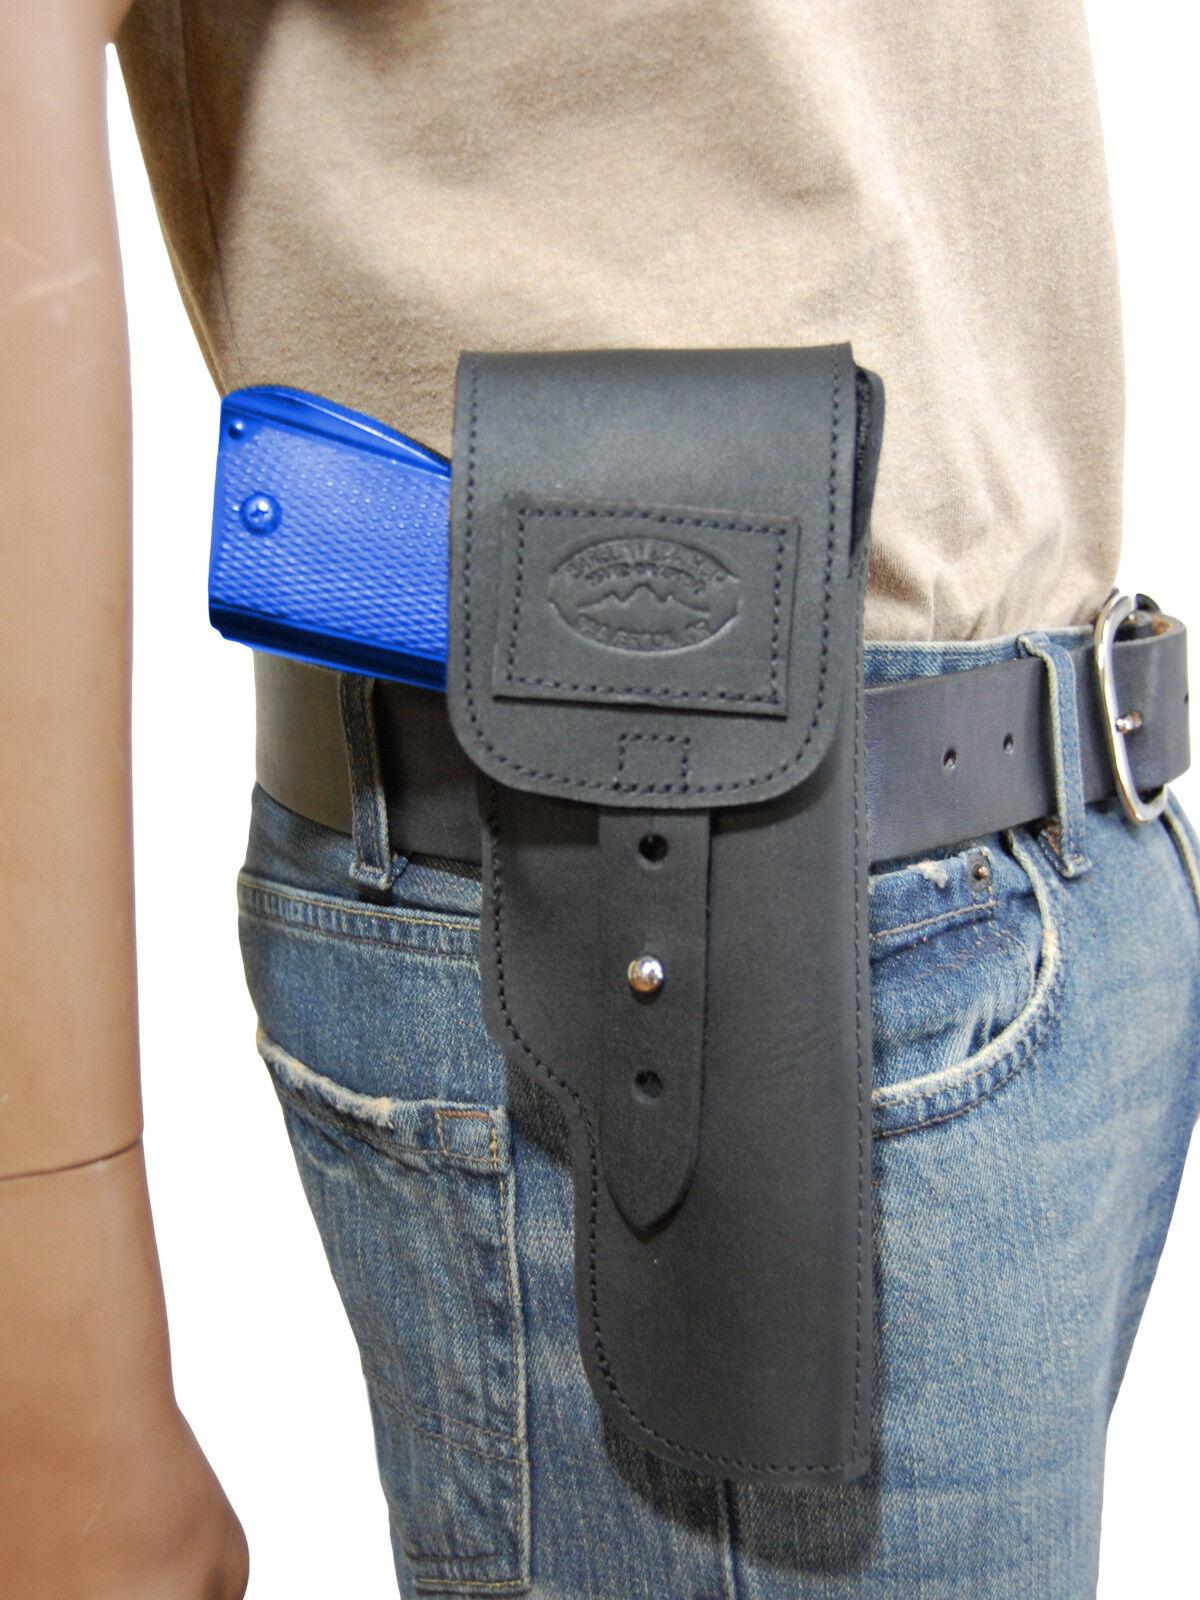 Nuevo barsony Negro Solapa De Cuero Funda Pistola marróning Para Colt de tamaño completo de 9 mm 40 45